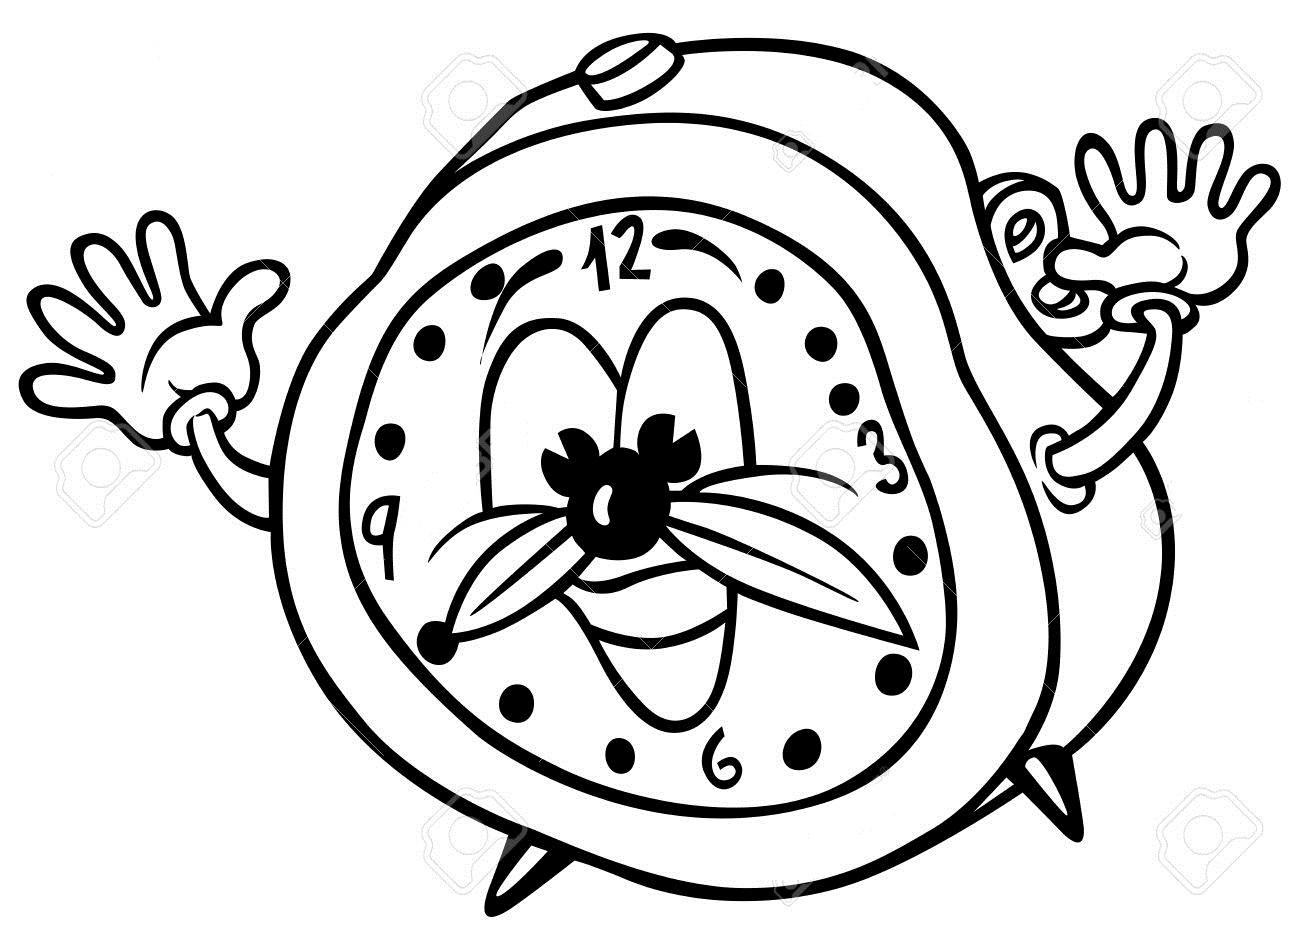 Cartoon Alarm Clock Coloring Page